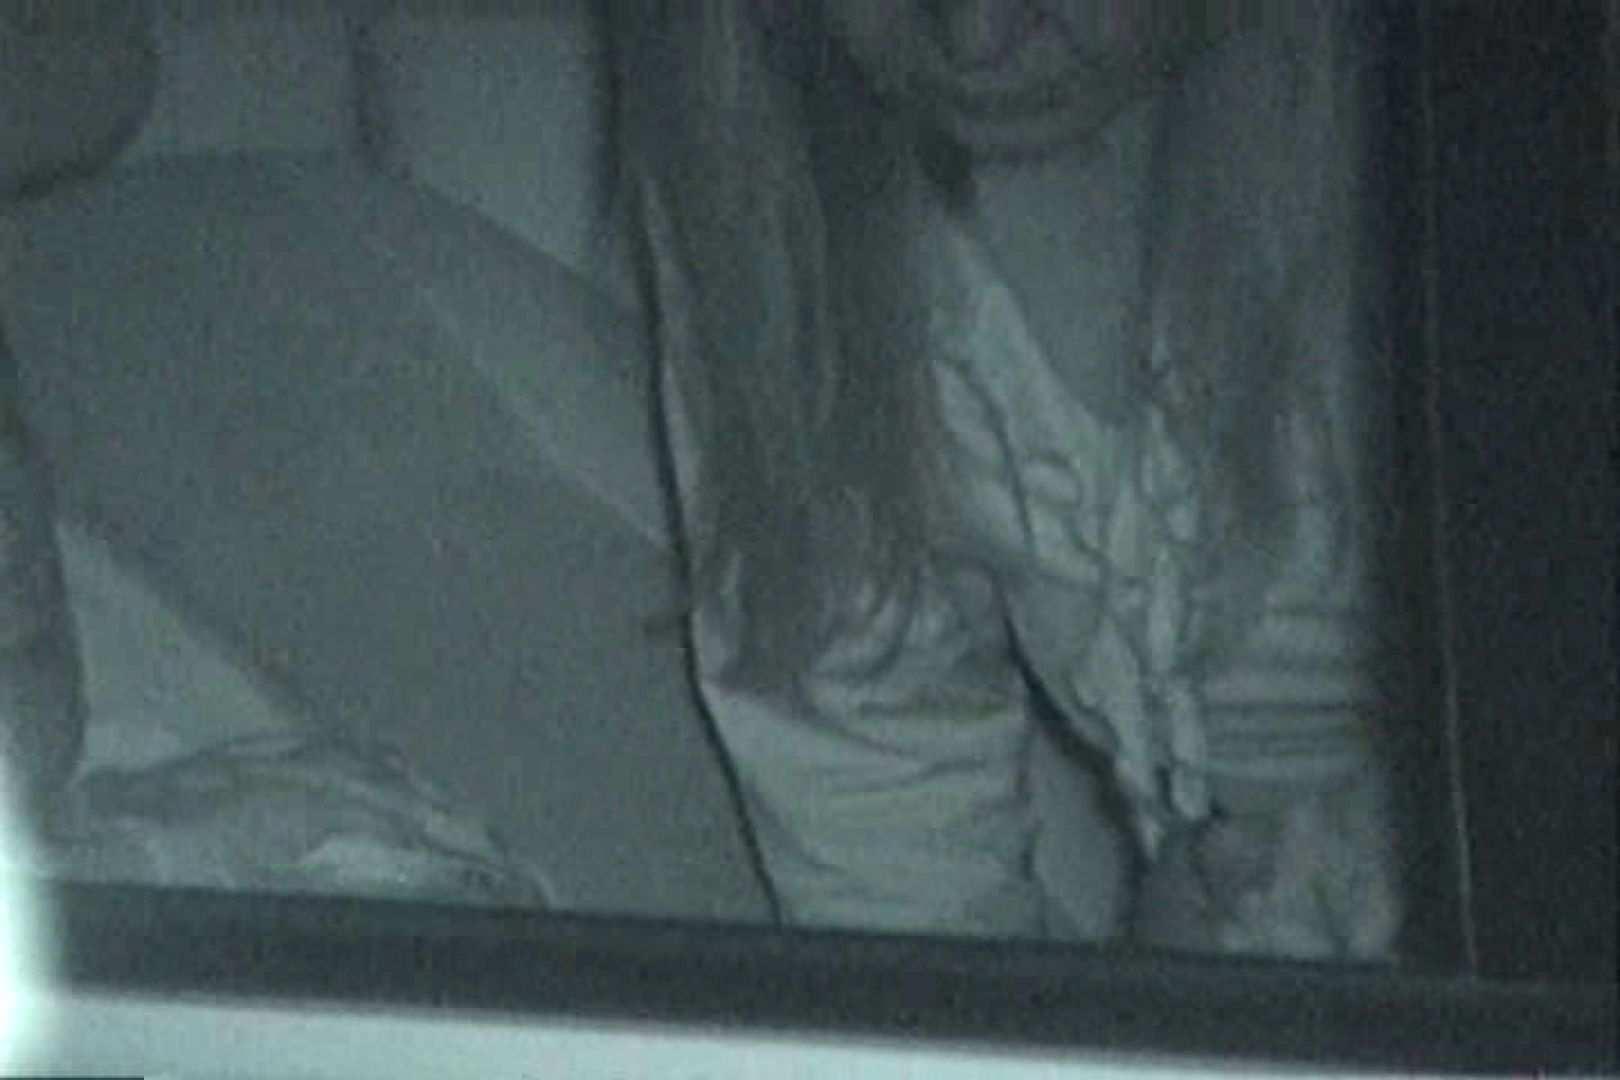 充血監督の深夜の運動会Vol.119 OLの実態 盗み撮りSEX無修正画像 40pic 8